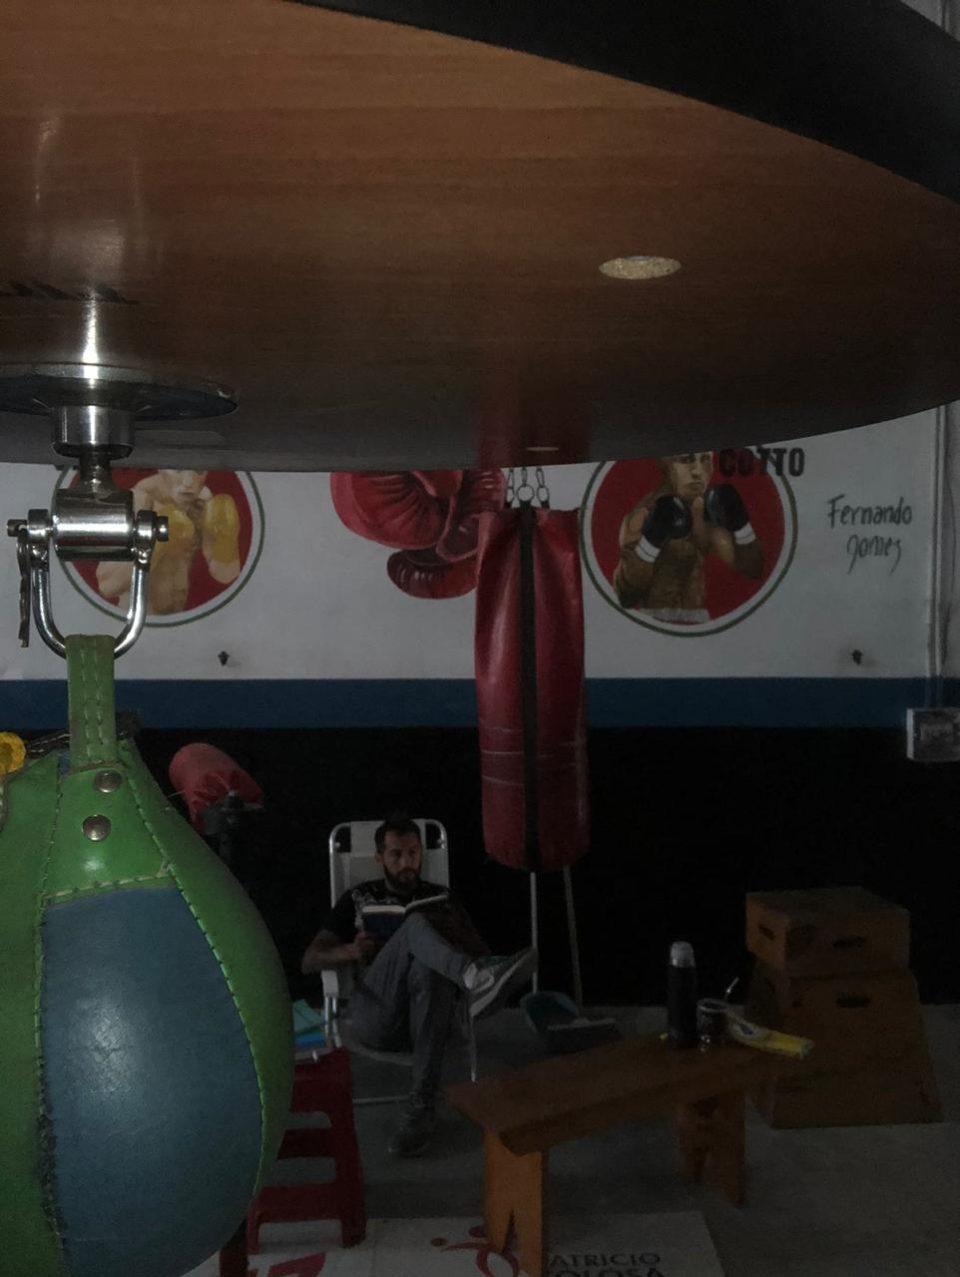 Fofi Moreschi vive en su gimnasio y su día lo reparte entre el boxeo, la lectura y unas cuantas actividades que seguro les sorprenderá.